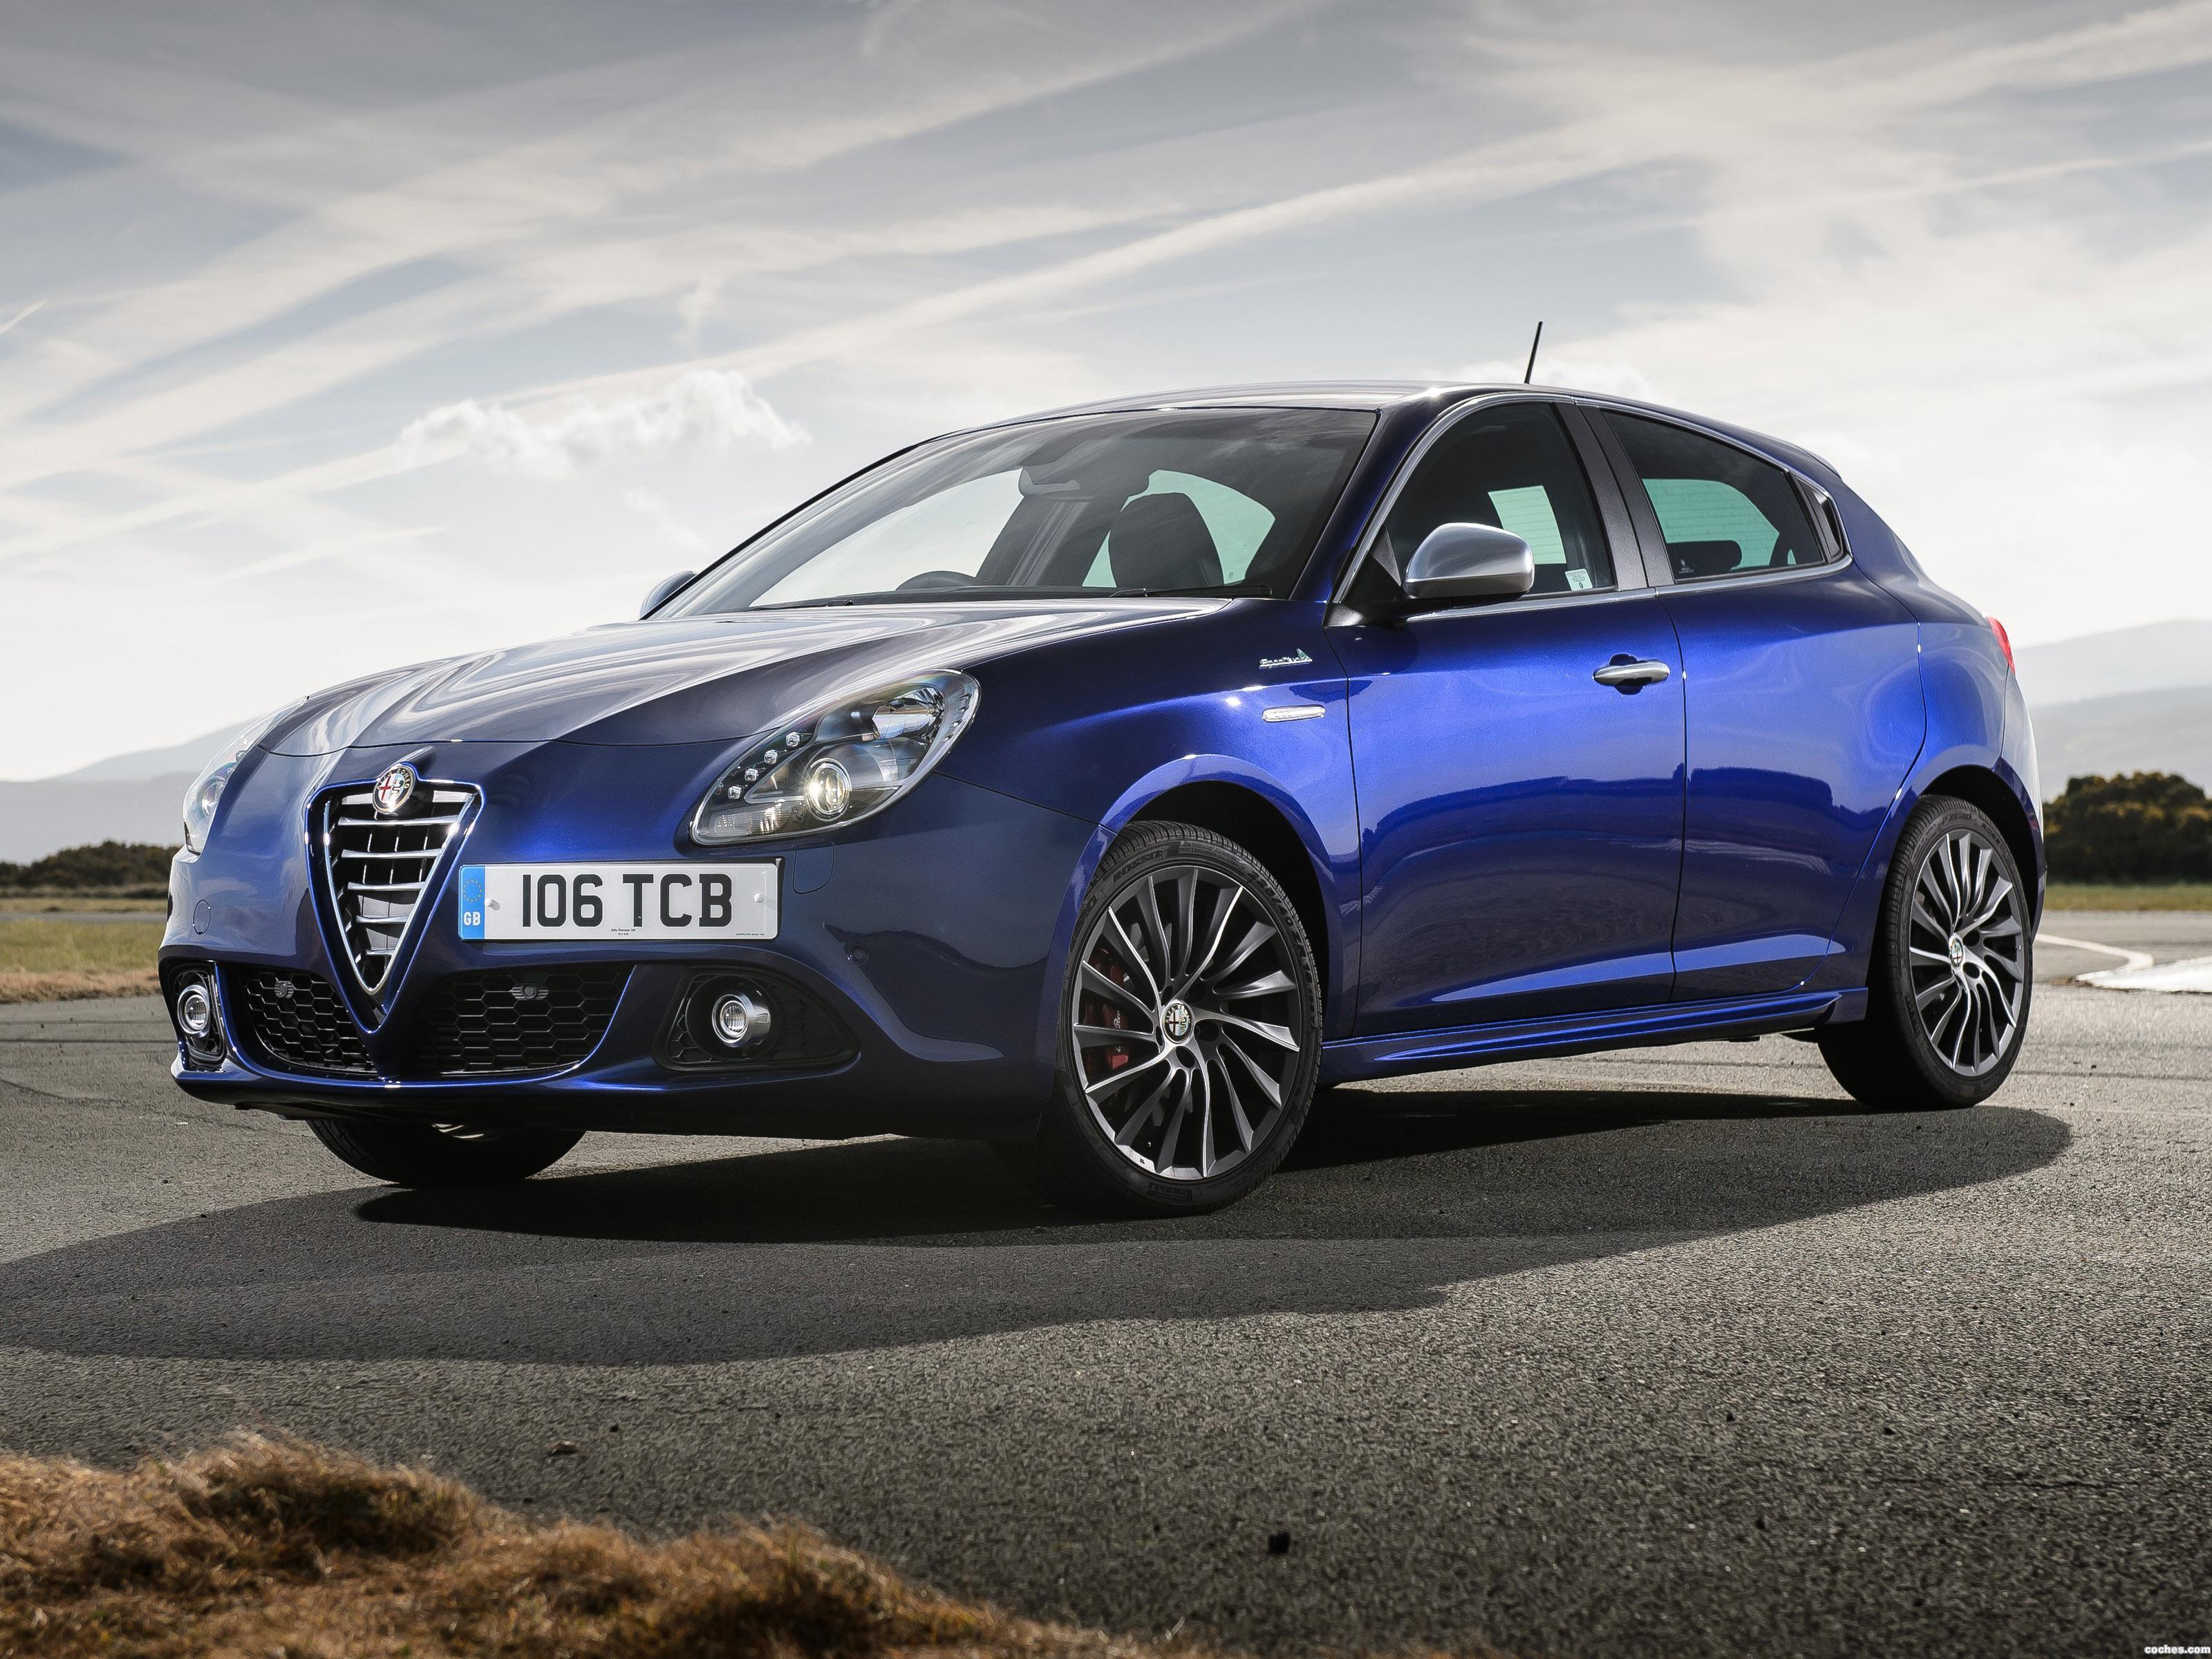 Foto 0 de Alfa Romeo Giulietta Sportiva UK 2014